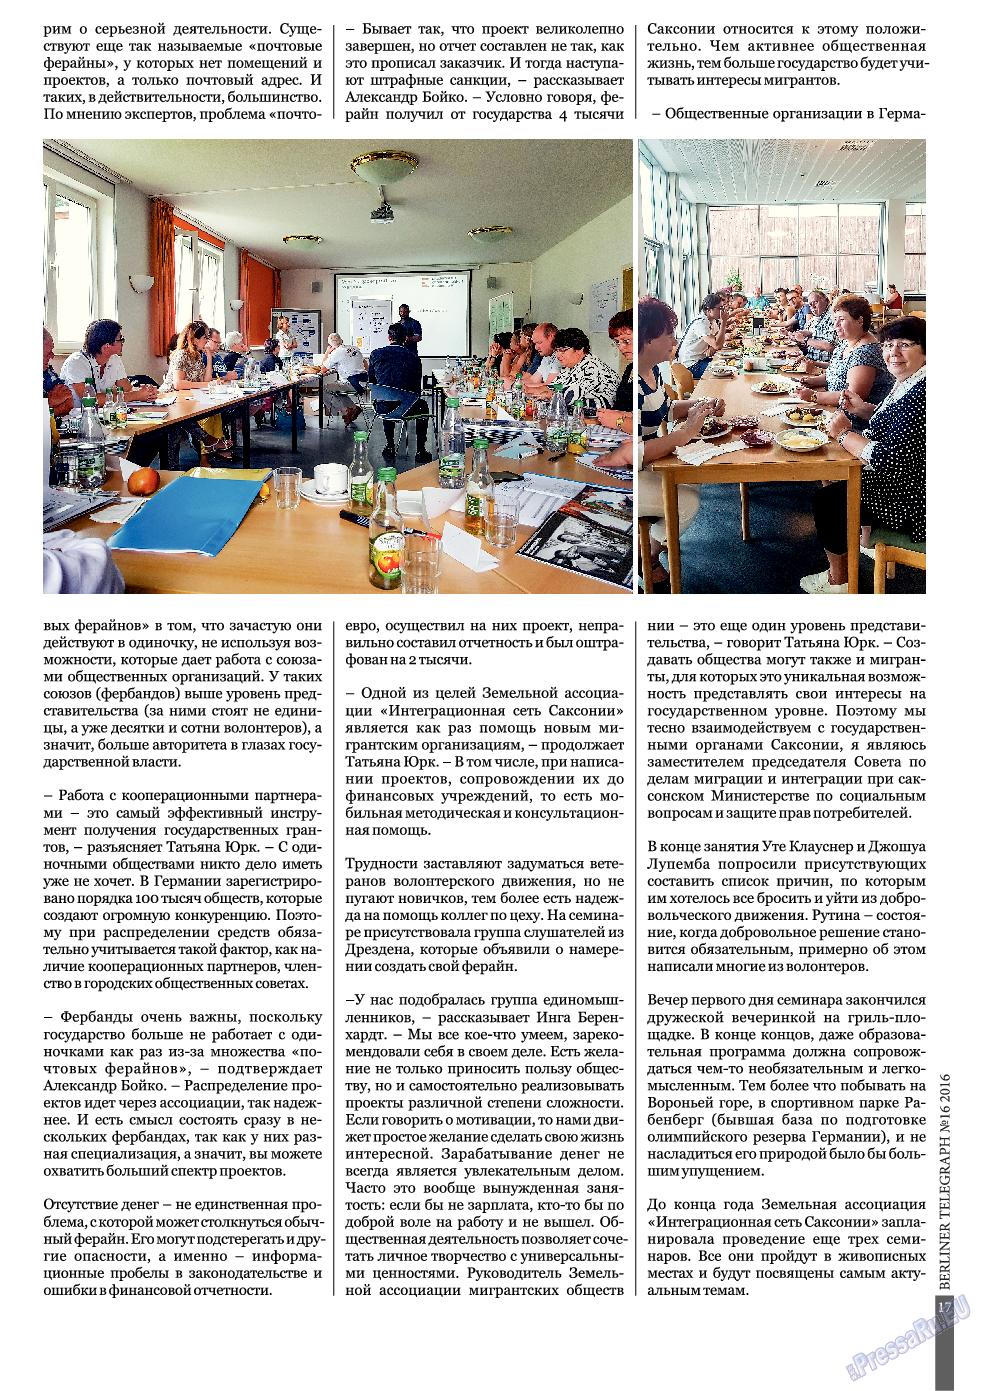 Берлинский телеграф (журнал). 2016 год, номер 16, стр. 17